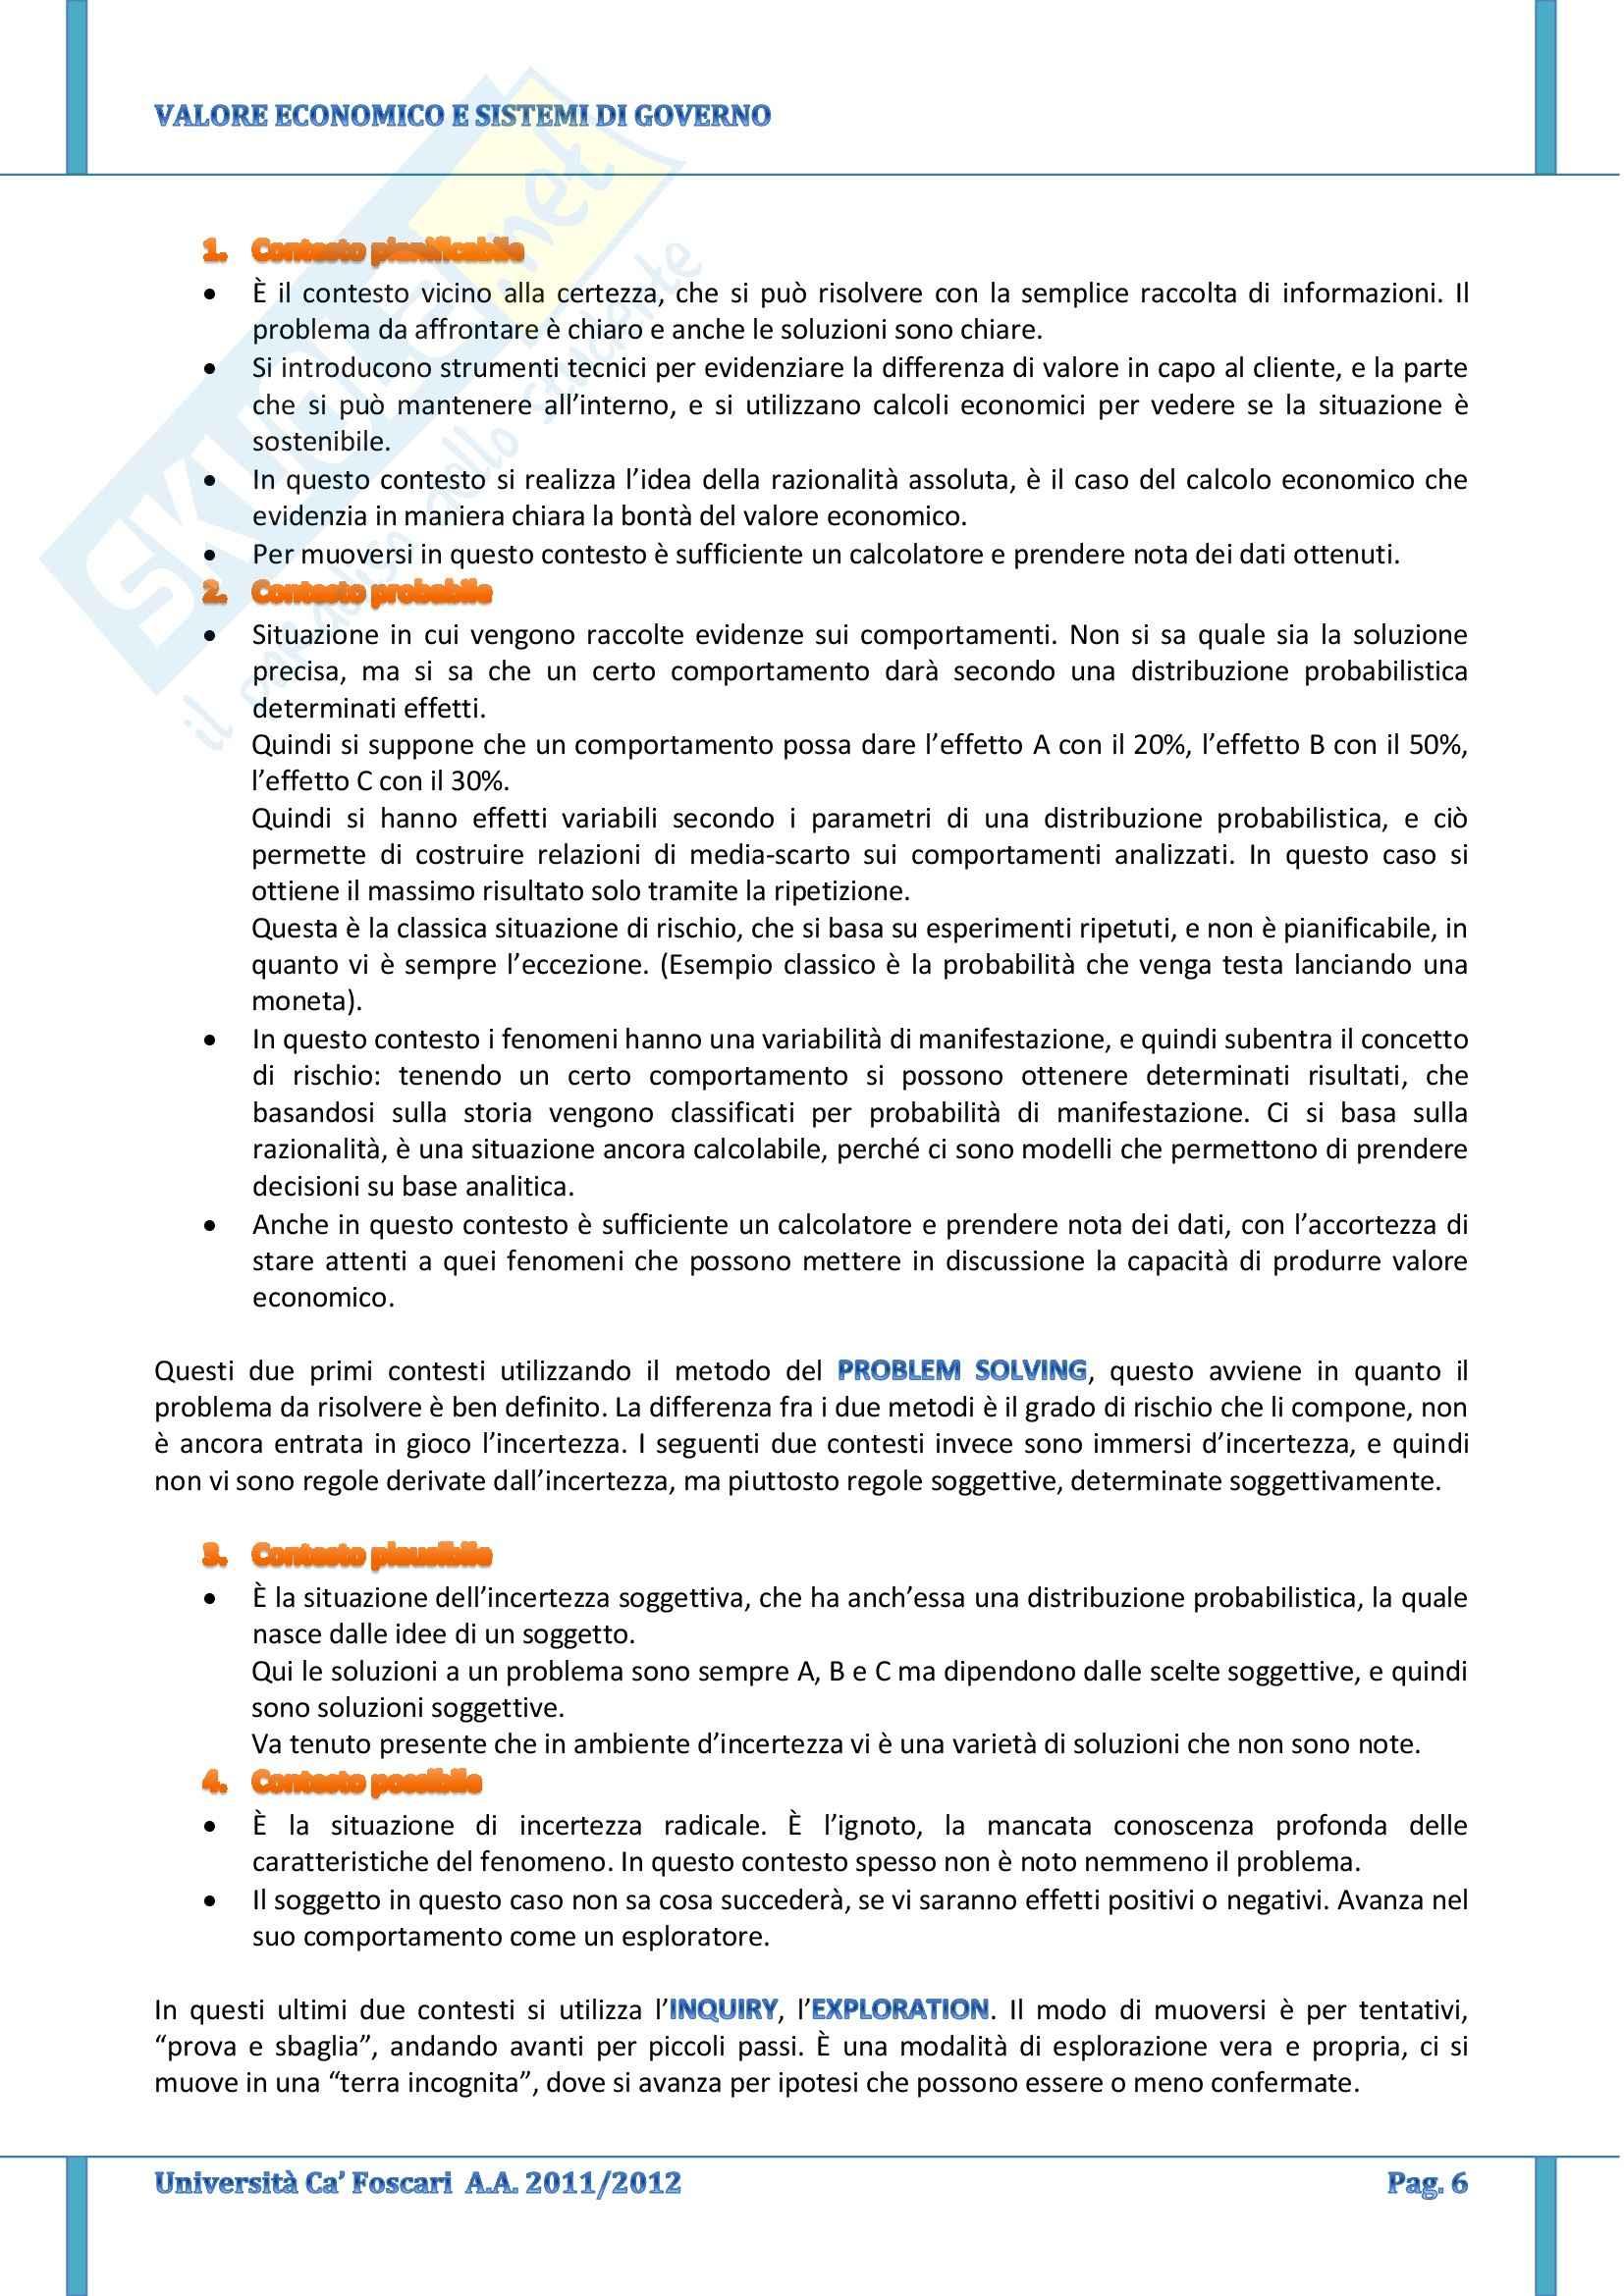 Valore Economico E Sistemi Di Governo - Appunti Pag. 6